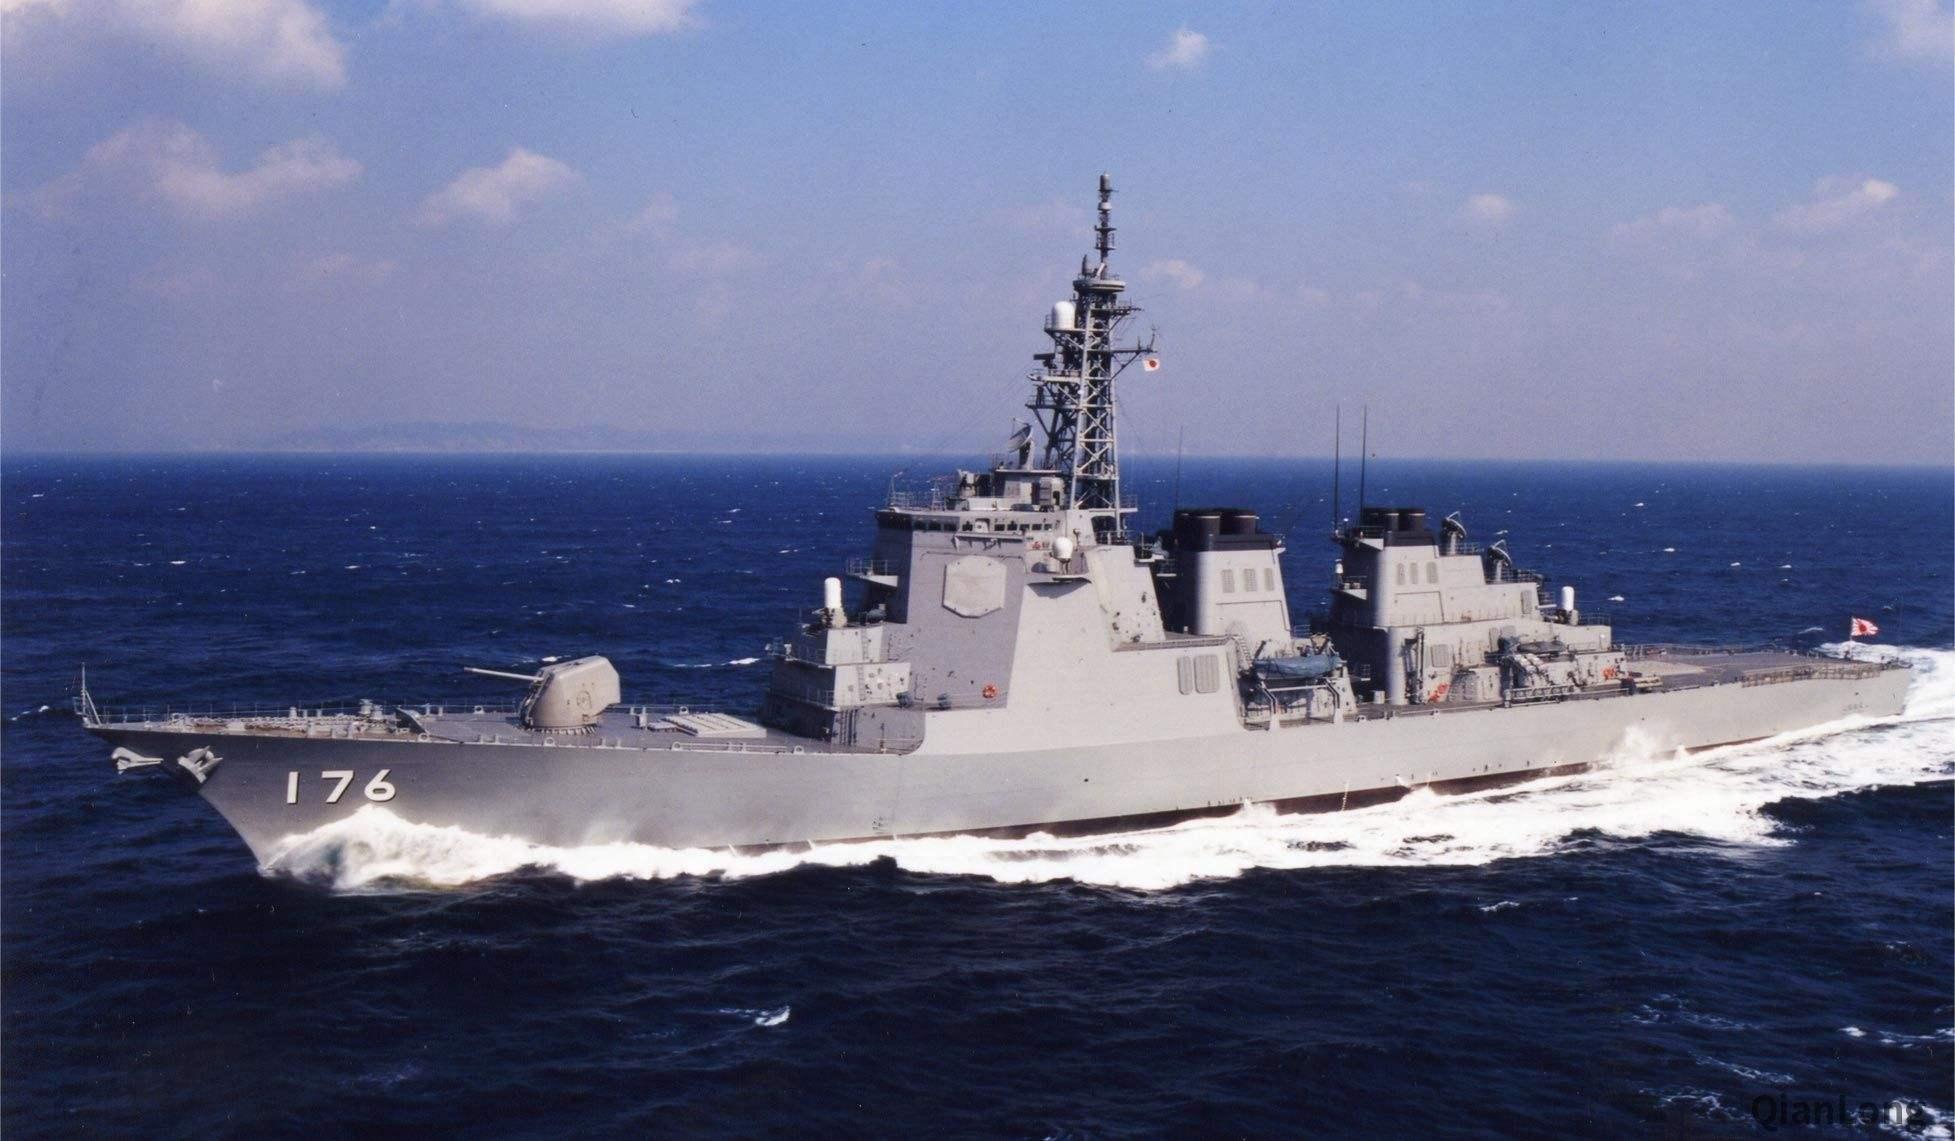 055摈除舰跻身全球最致命战舰,美俄排名靠前,一国入选出人意表